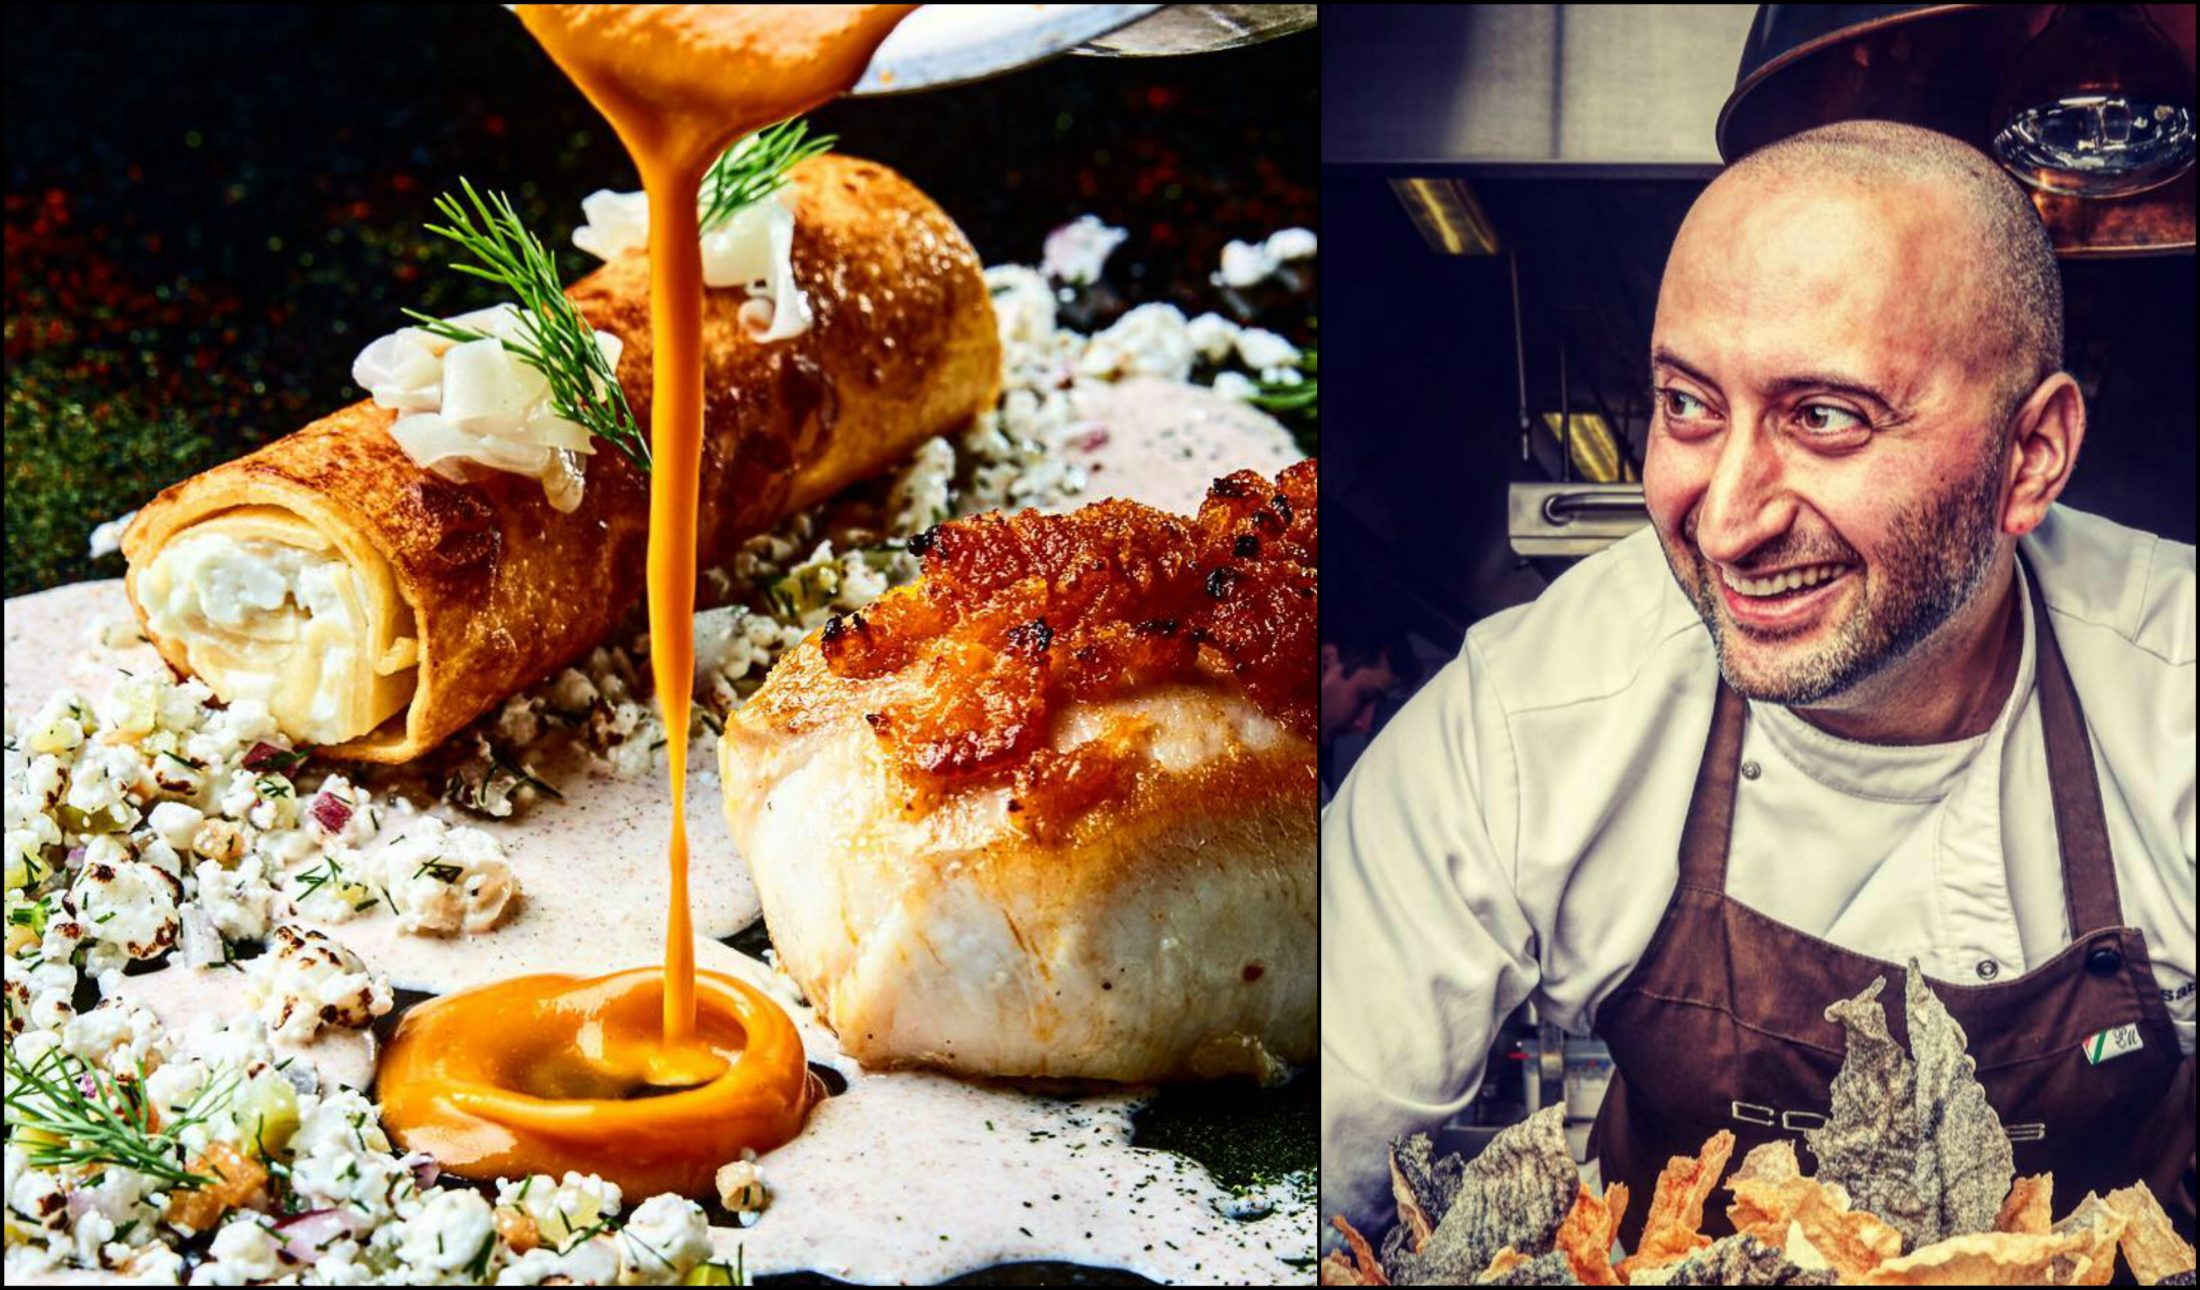 Újabb csillagos éttermünk vált séfet! Tiago Sabarigo búcsúzik a Costes Downtowntól - Dining Guide